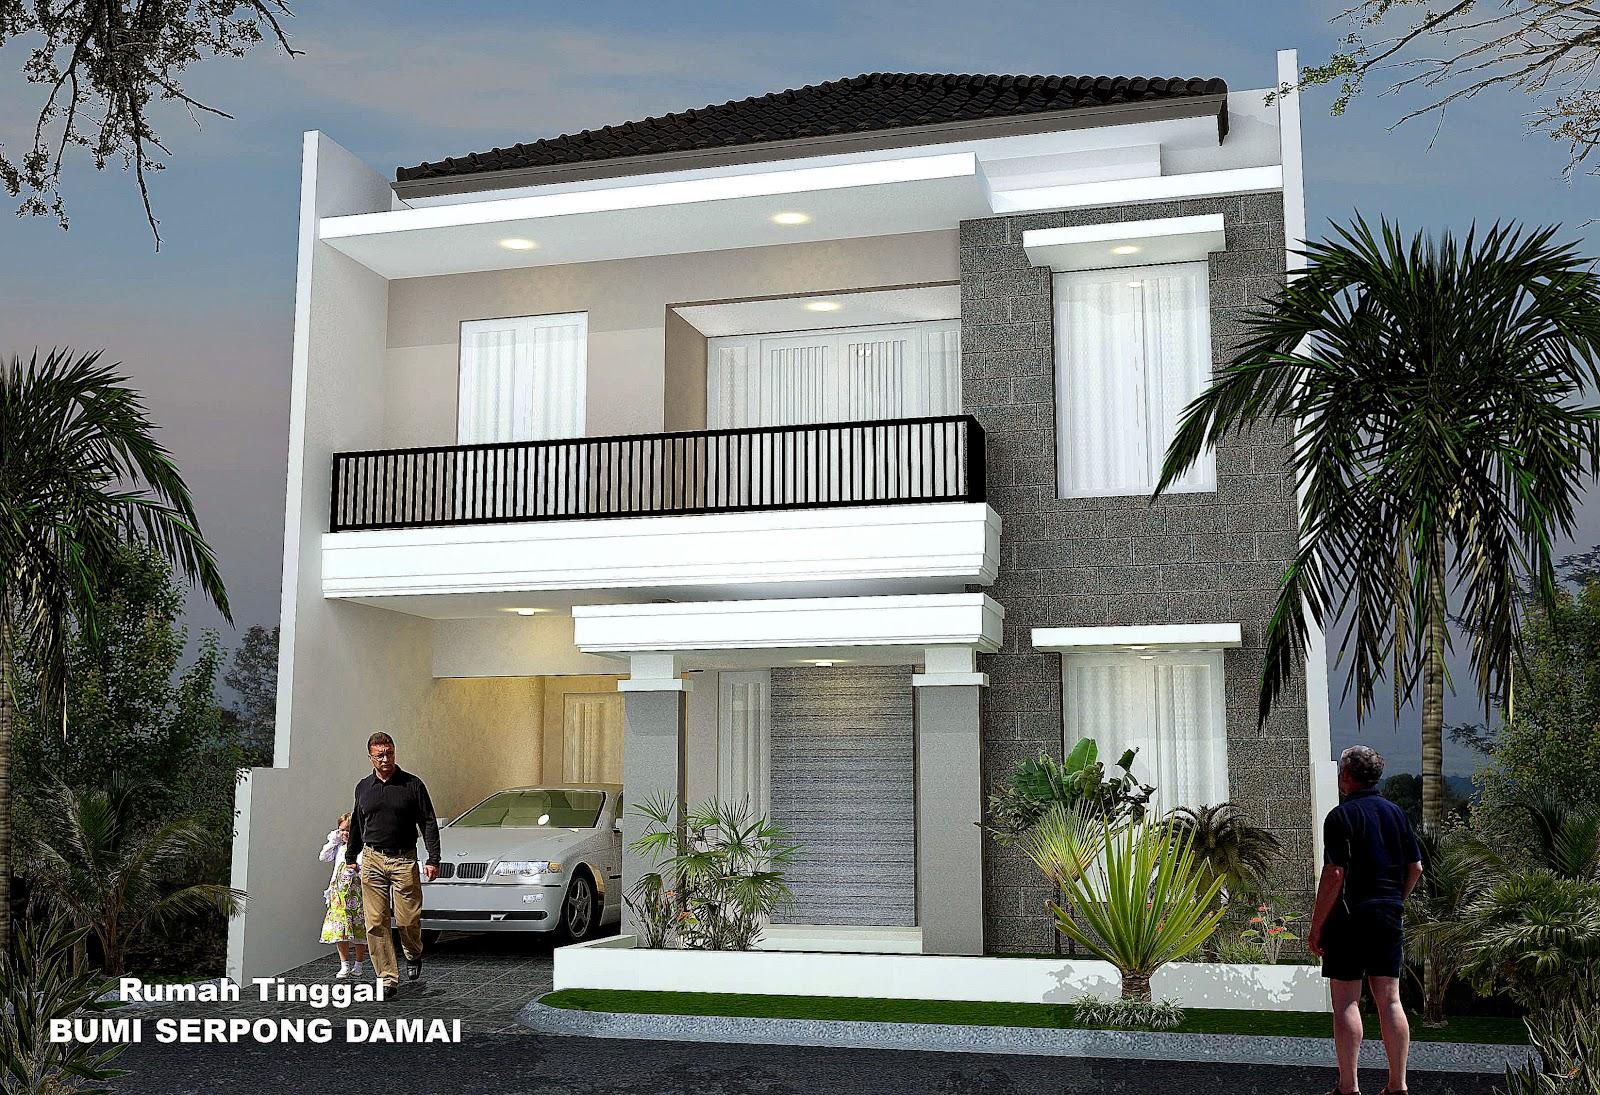 Foto Model Denah Desain Rumah amp Ruko Minimalis 1 2 Lantai